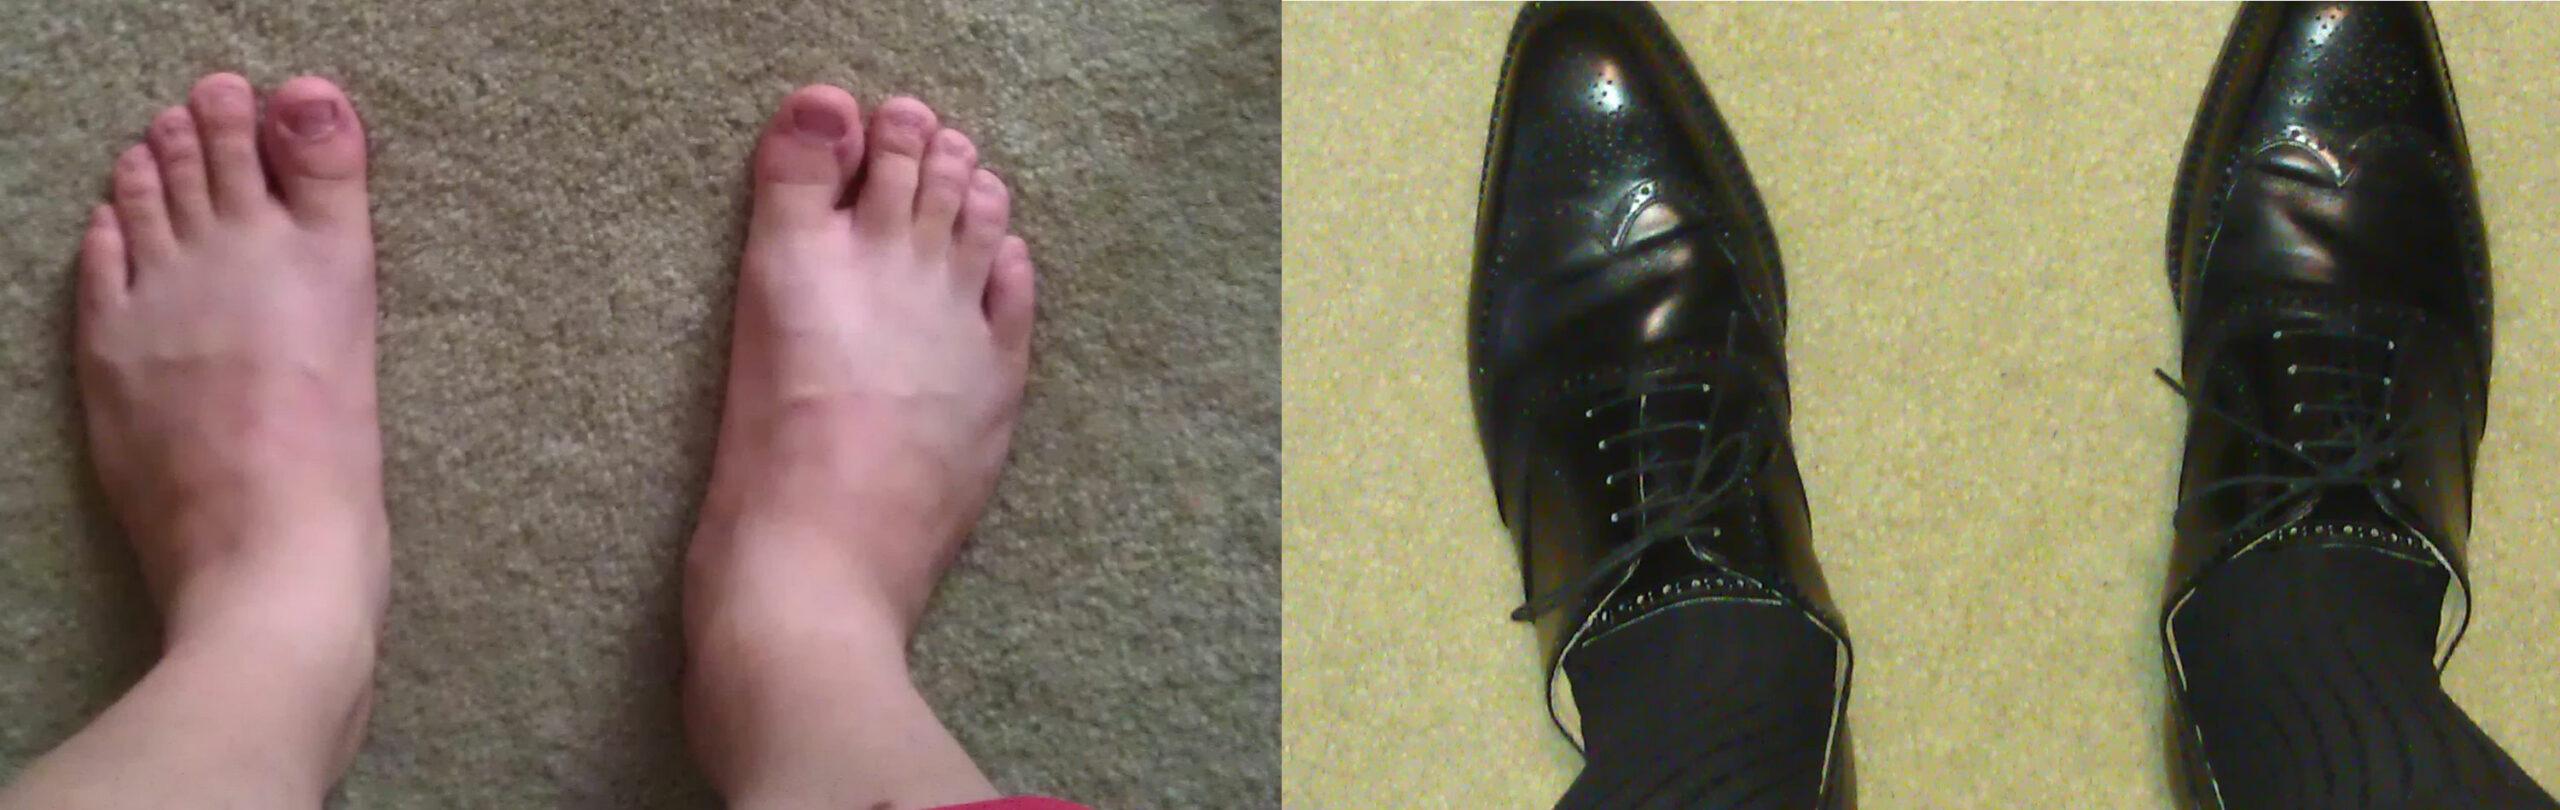 Une photo de qualité médiocre mais qui n'en reste pas moins une excellente illustration. L'inadéquation entre la forme du pied et le soulier choisi est criante. (Source : Styleforum)